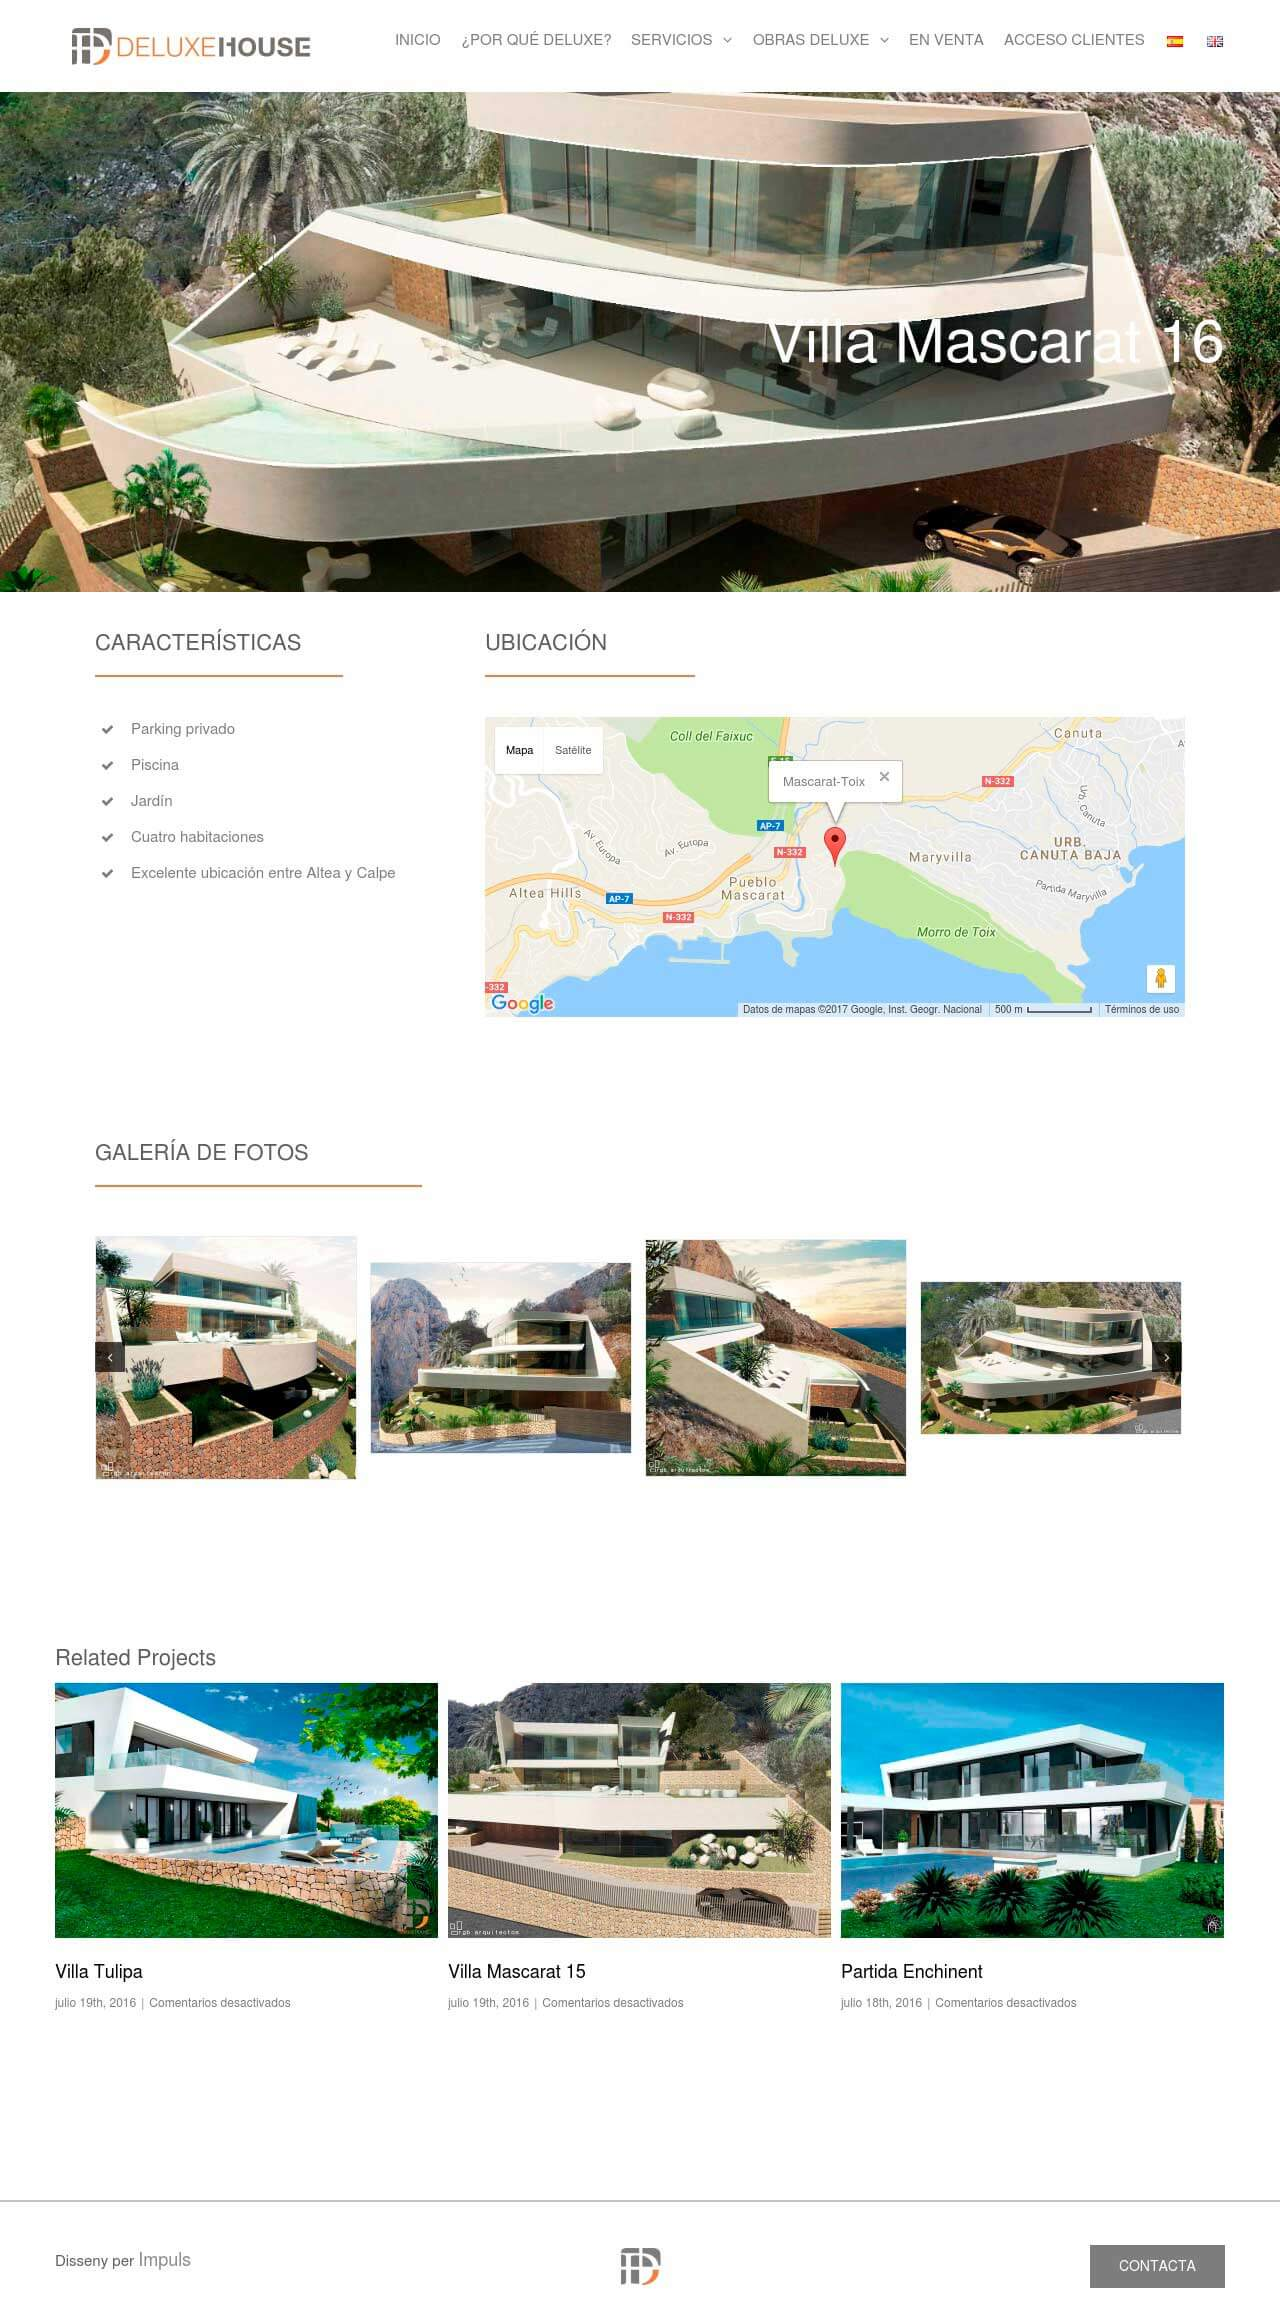 Agencia Sidecar deluxe-house-portfolio-agencia-sidecar-mascarat Deluxe House